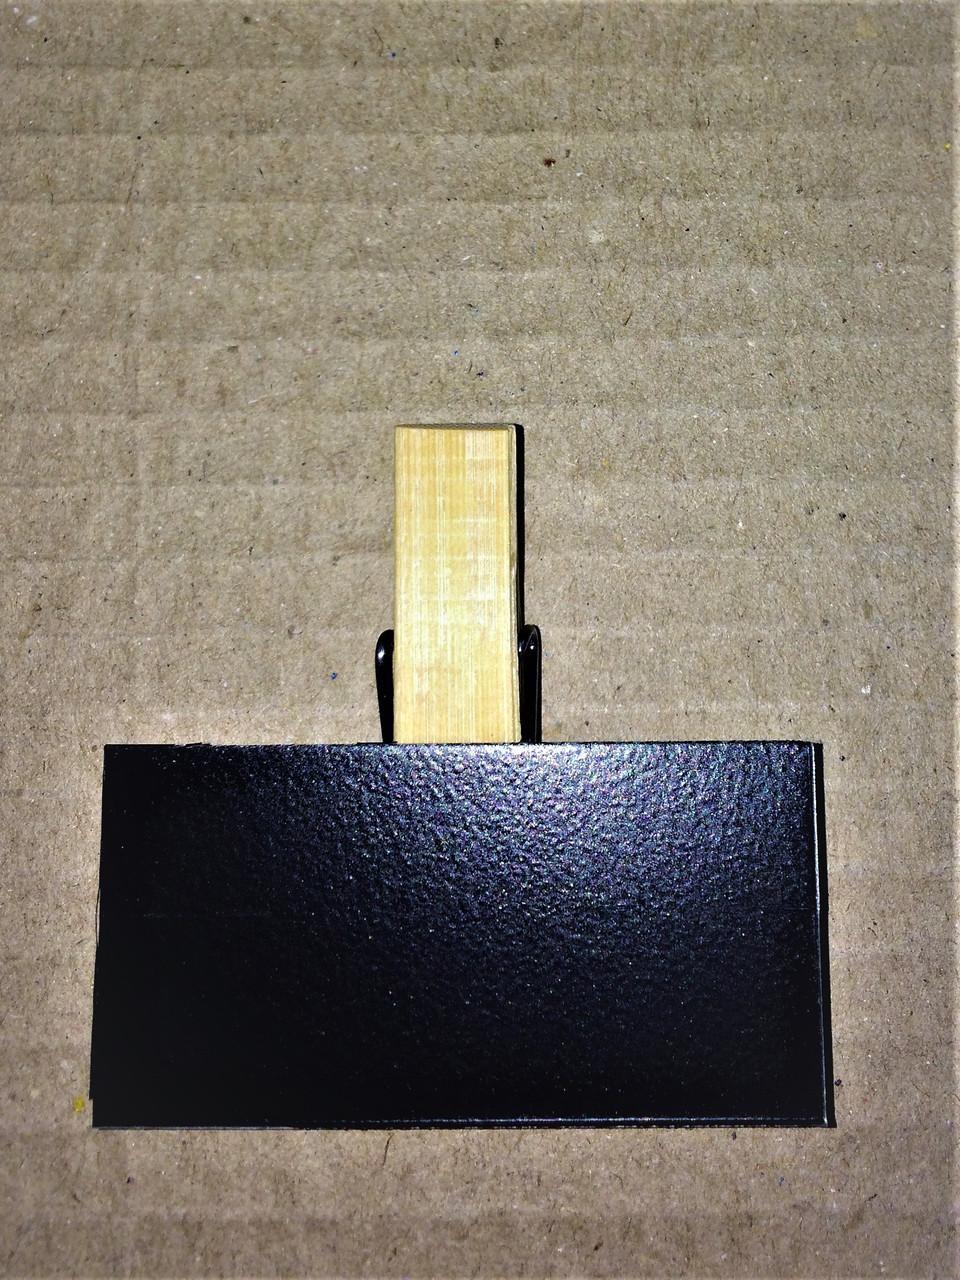 Ценник меловой 3х5 см на прищепке для надписей мелом и маркером. Грифельная табличка. Крейдовий цінник